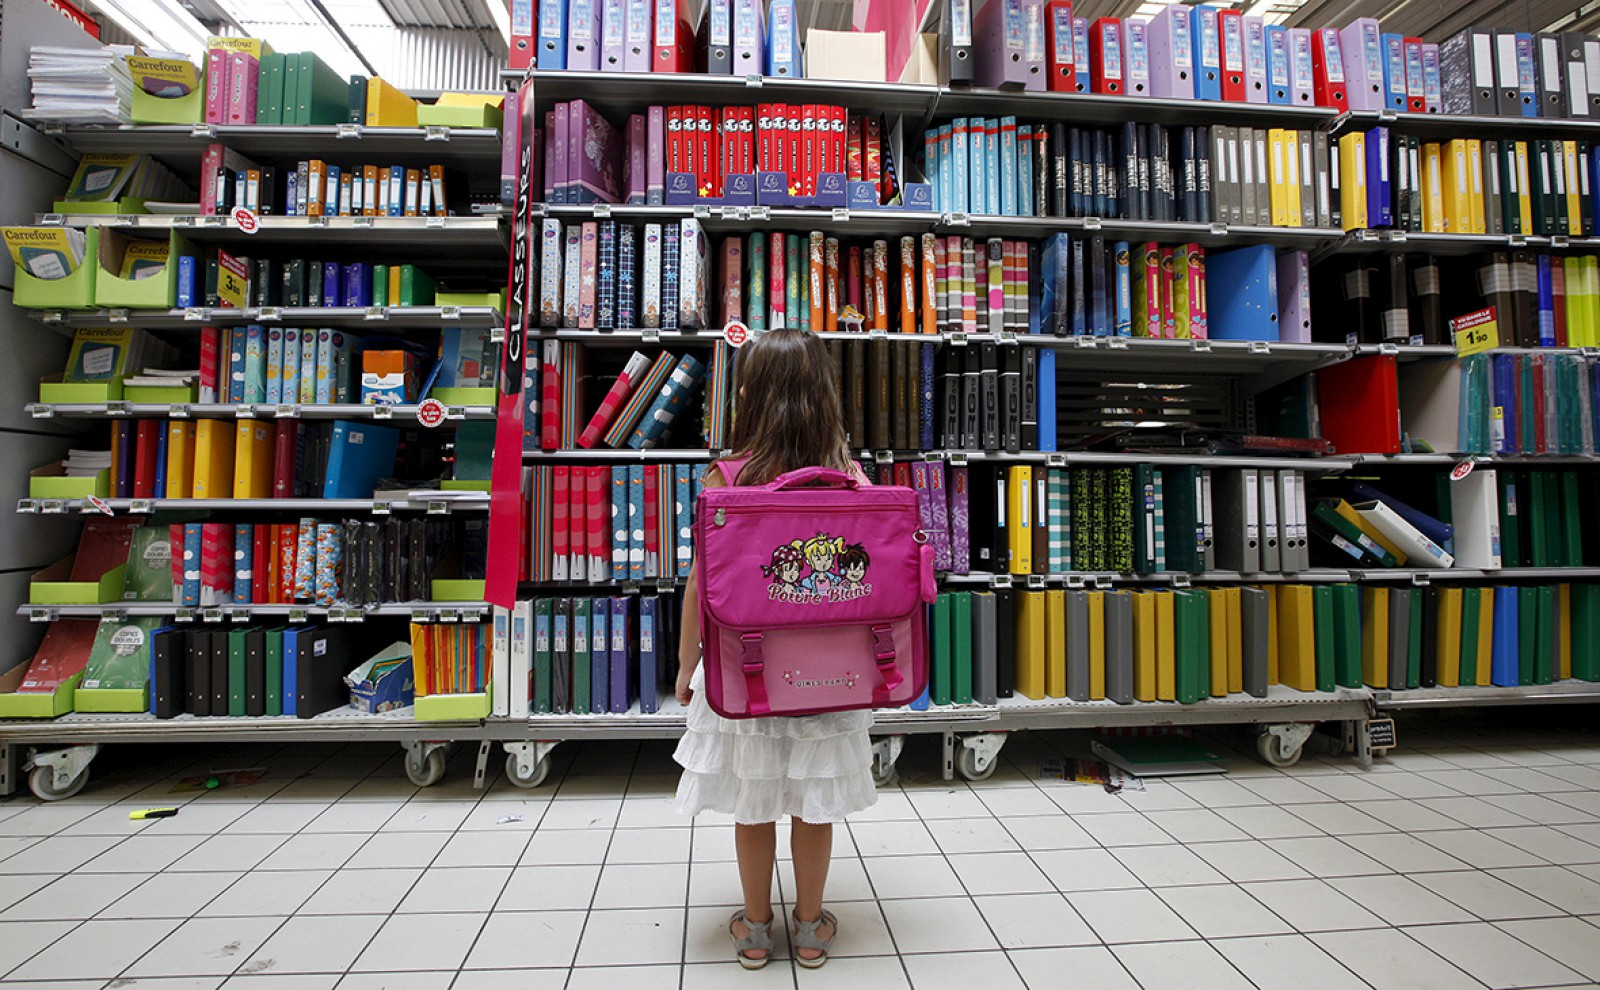 Banca Mondială a calculat pierderile globale cauzate de lipsa accesului la studii pentru fete